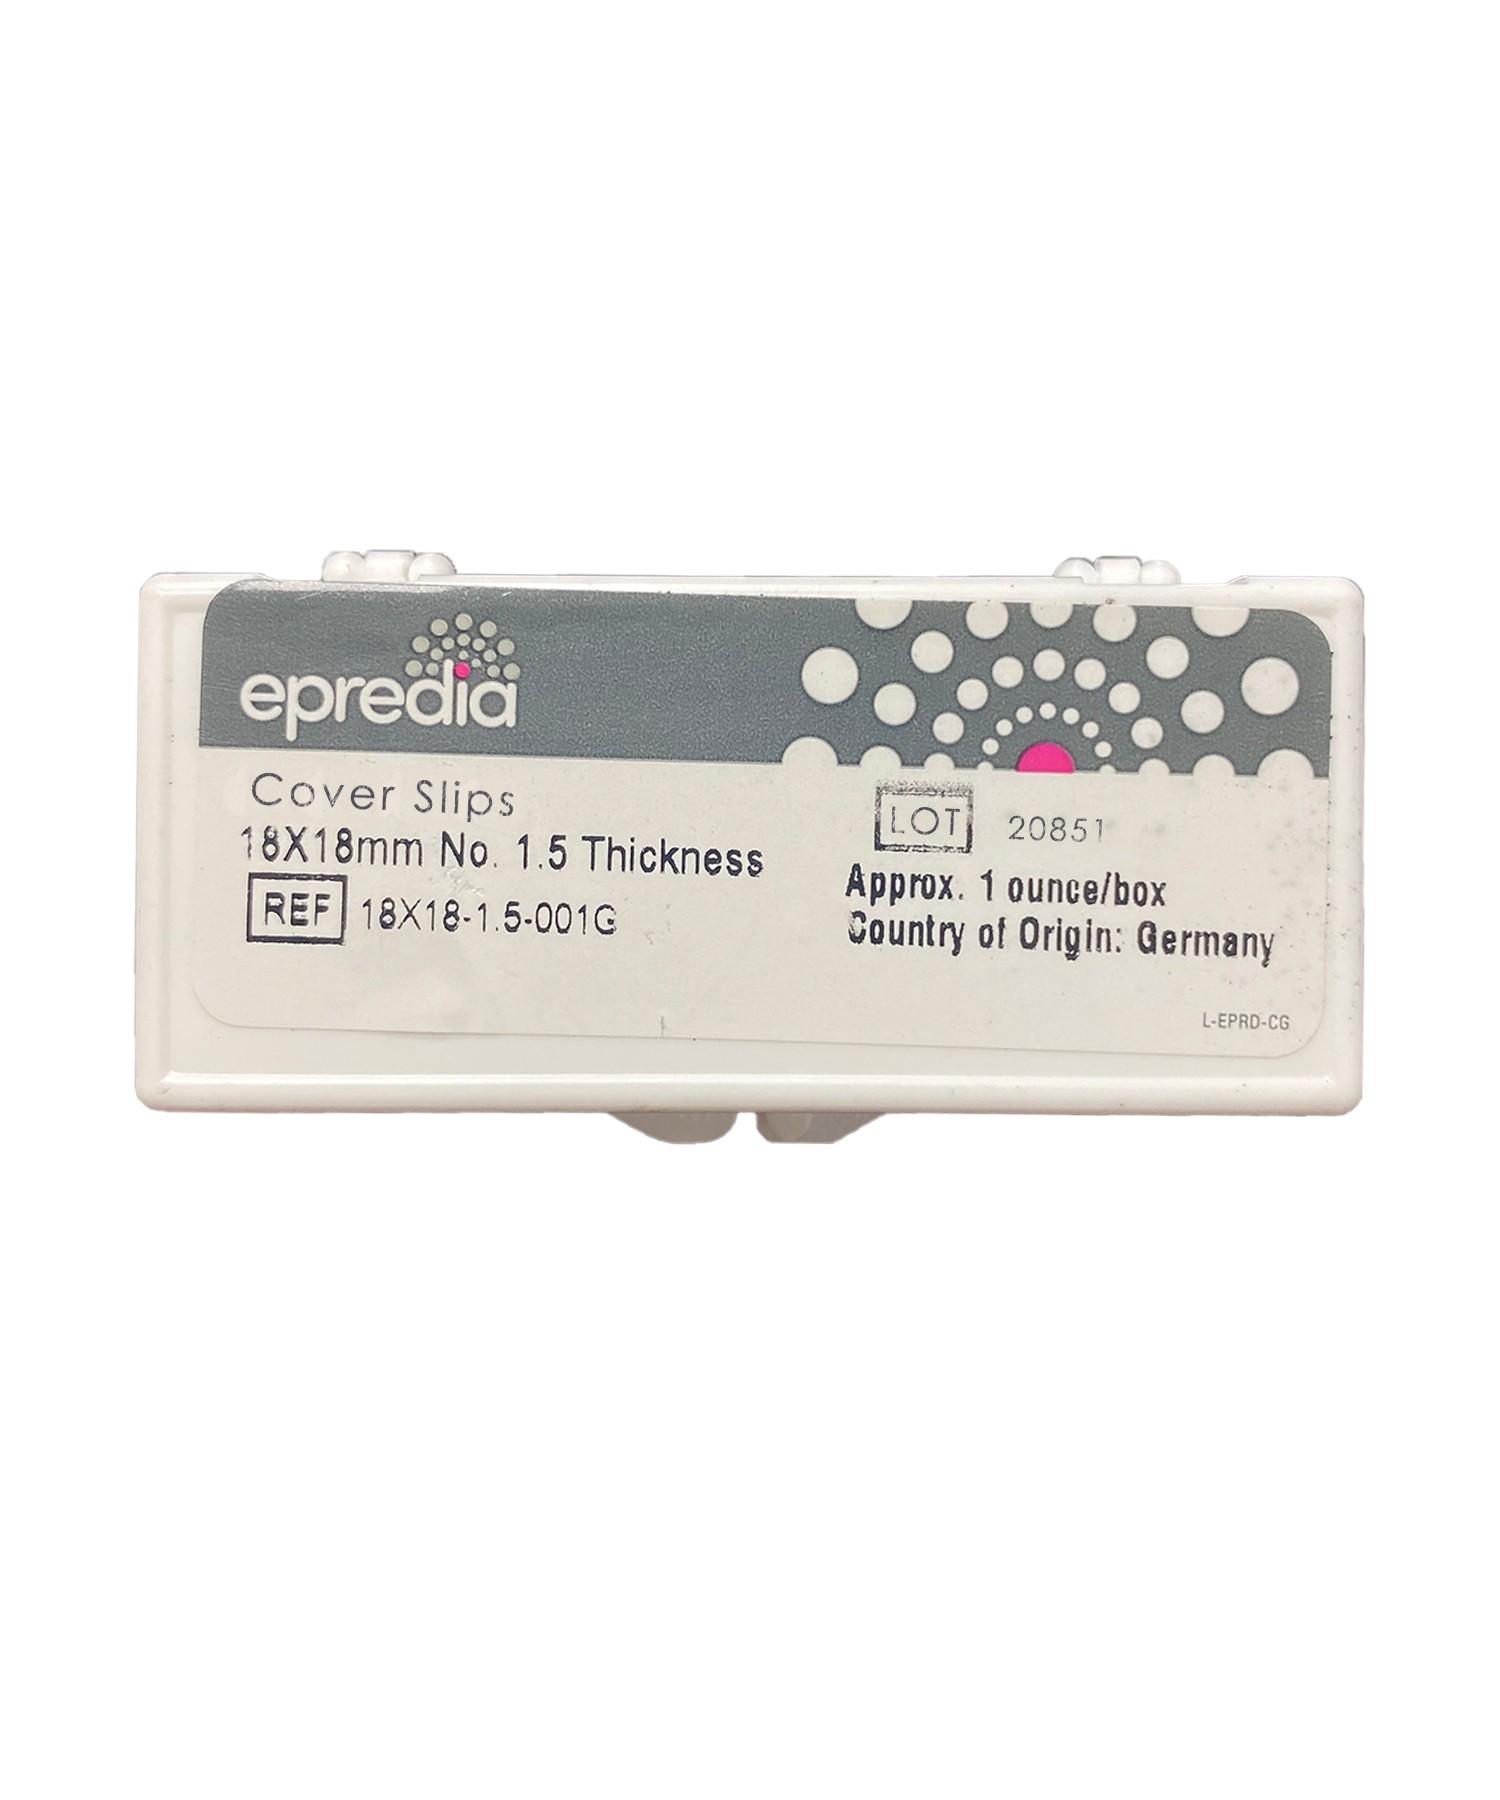 18 x 18mm Cover Glass,#1.5, Esco/Epredia (1 OZ box)